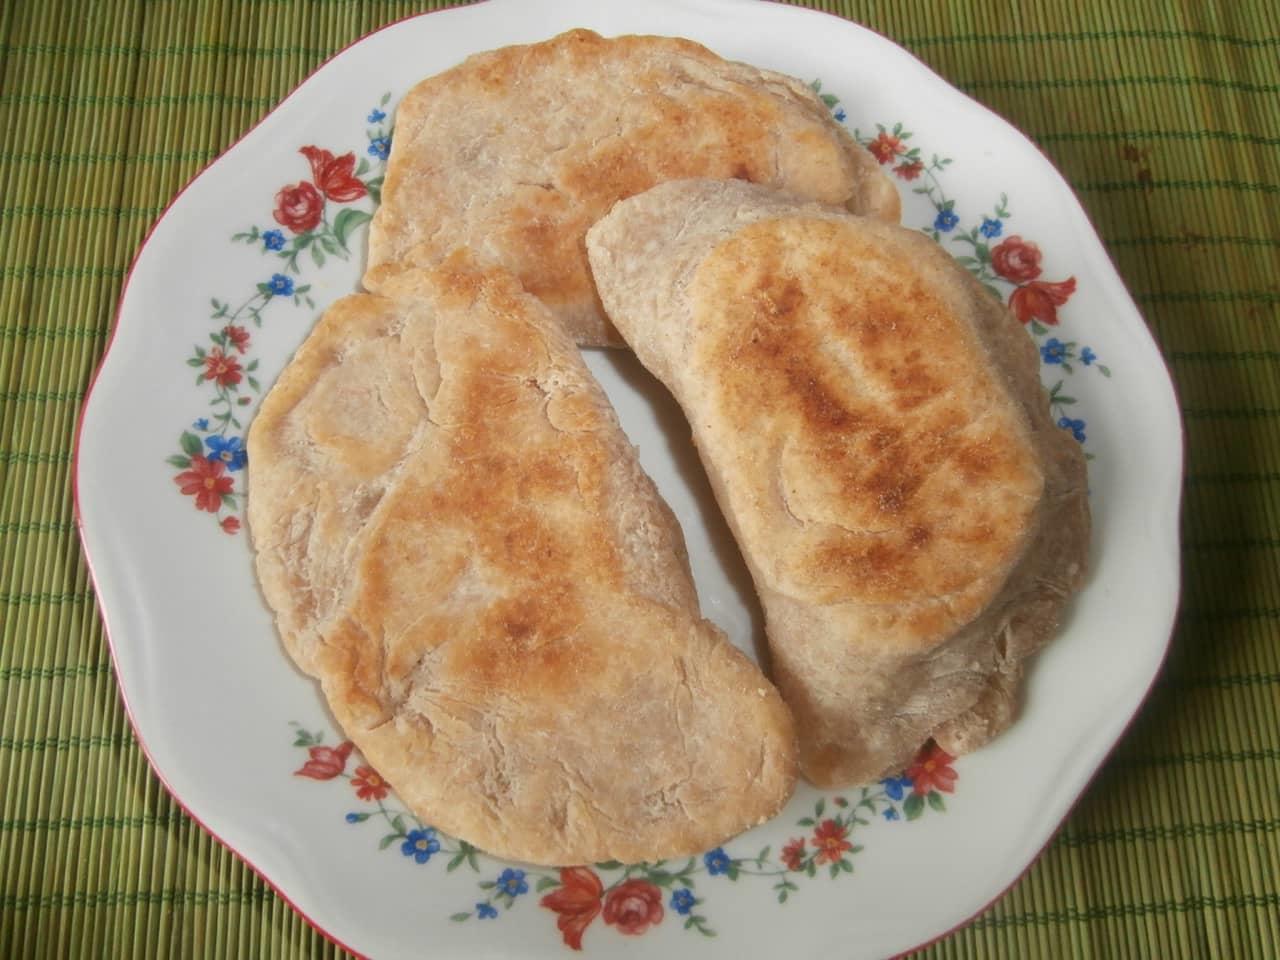 Нежные, ароматные и аппетитные булочки, приготовленные на сковороде